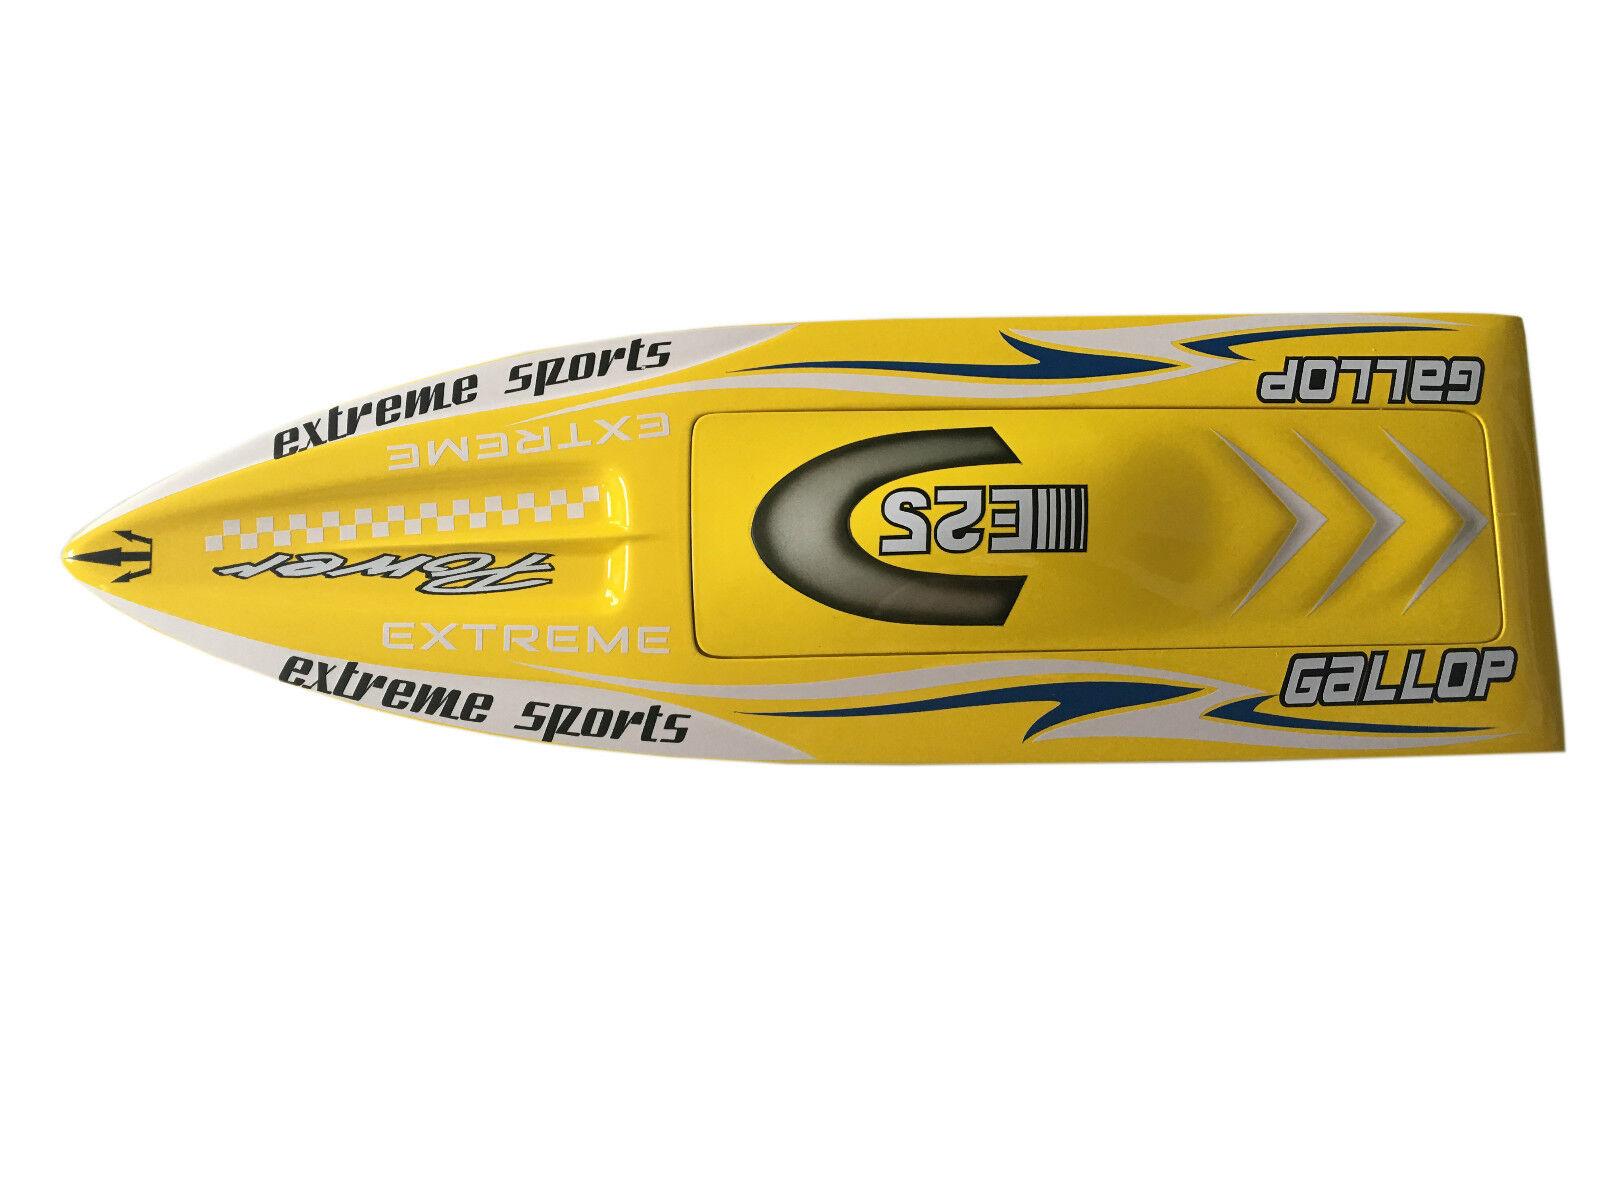 E25 Gallops välklädd elektrisk båtshall för avancerad spelare Monohhull YLW KIT